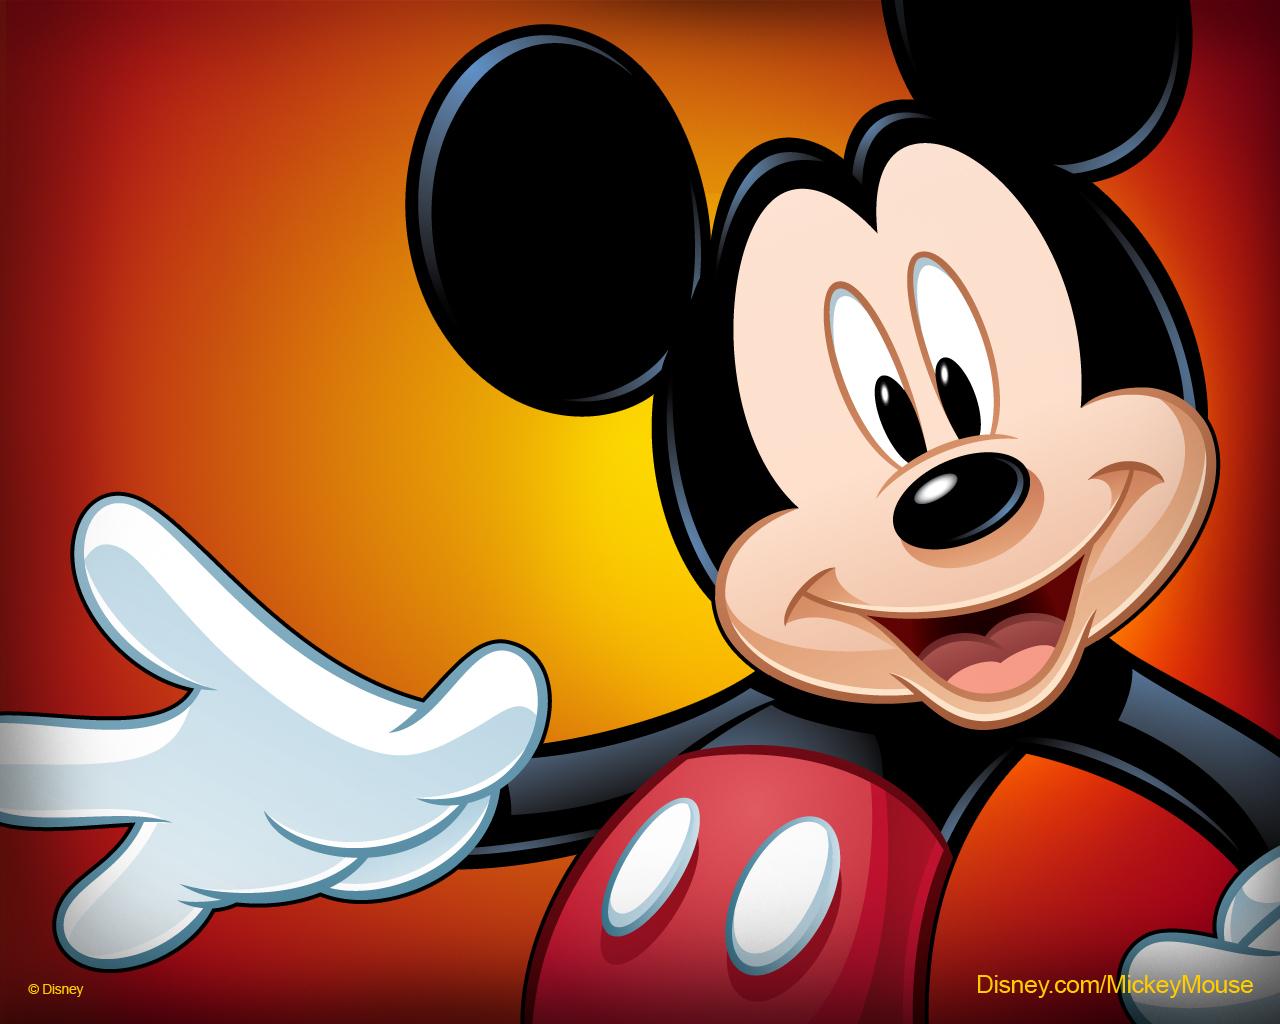 My 8th yêu thích Mickey chuột and Những người bạn character vs my 8th yêu  thích Looney Tunes character! Who do bạn like more? - những người nghiện phim  hoạt hình thời